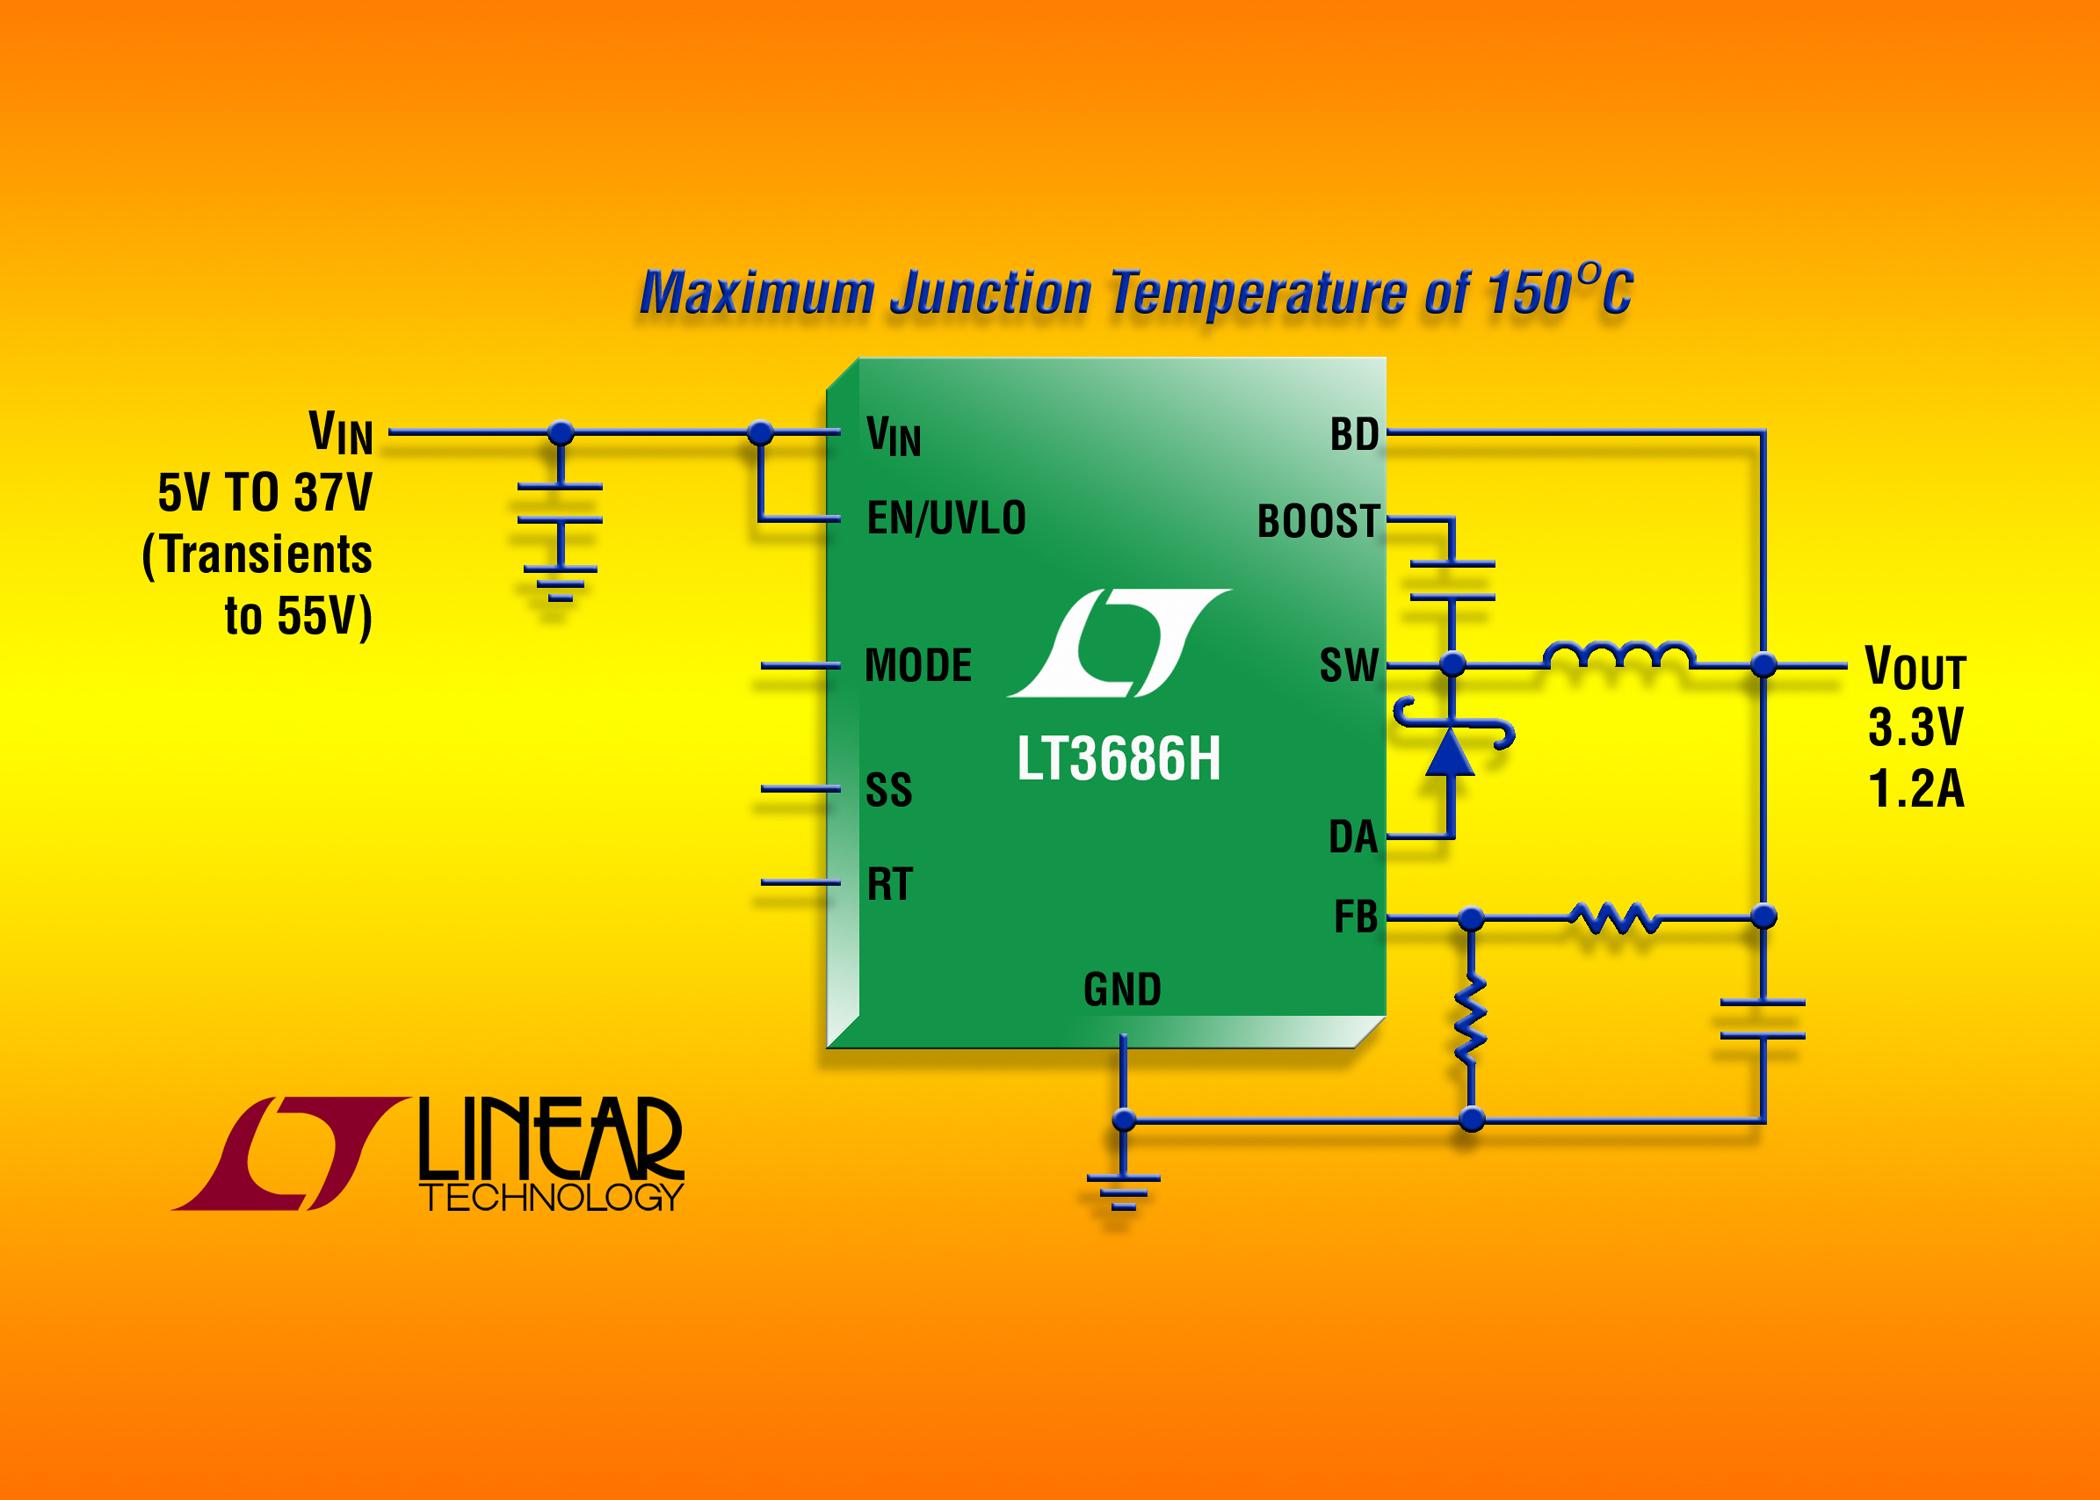 照片说明: 具 150ºC 最高结温、55V 瞬态保护的 37V、1.2A 降压型 DC/DC 转换器